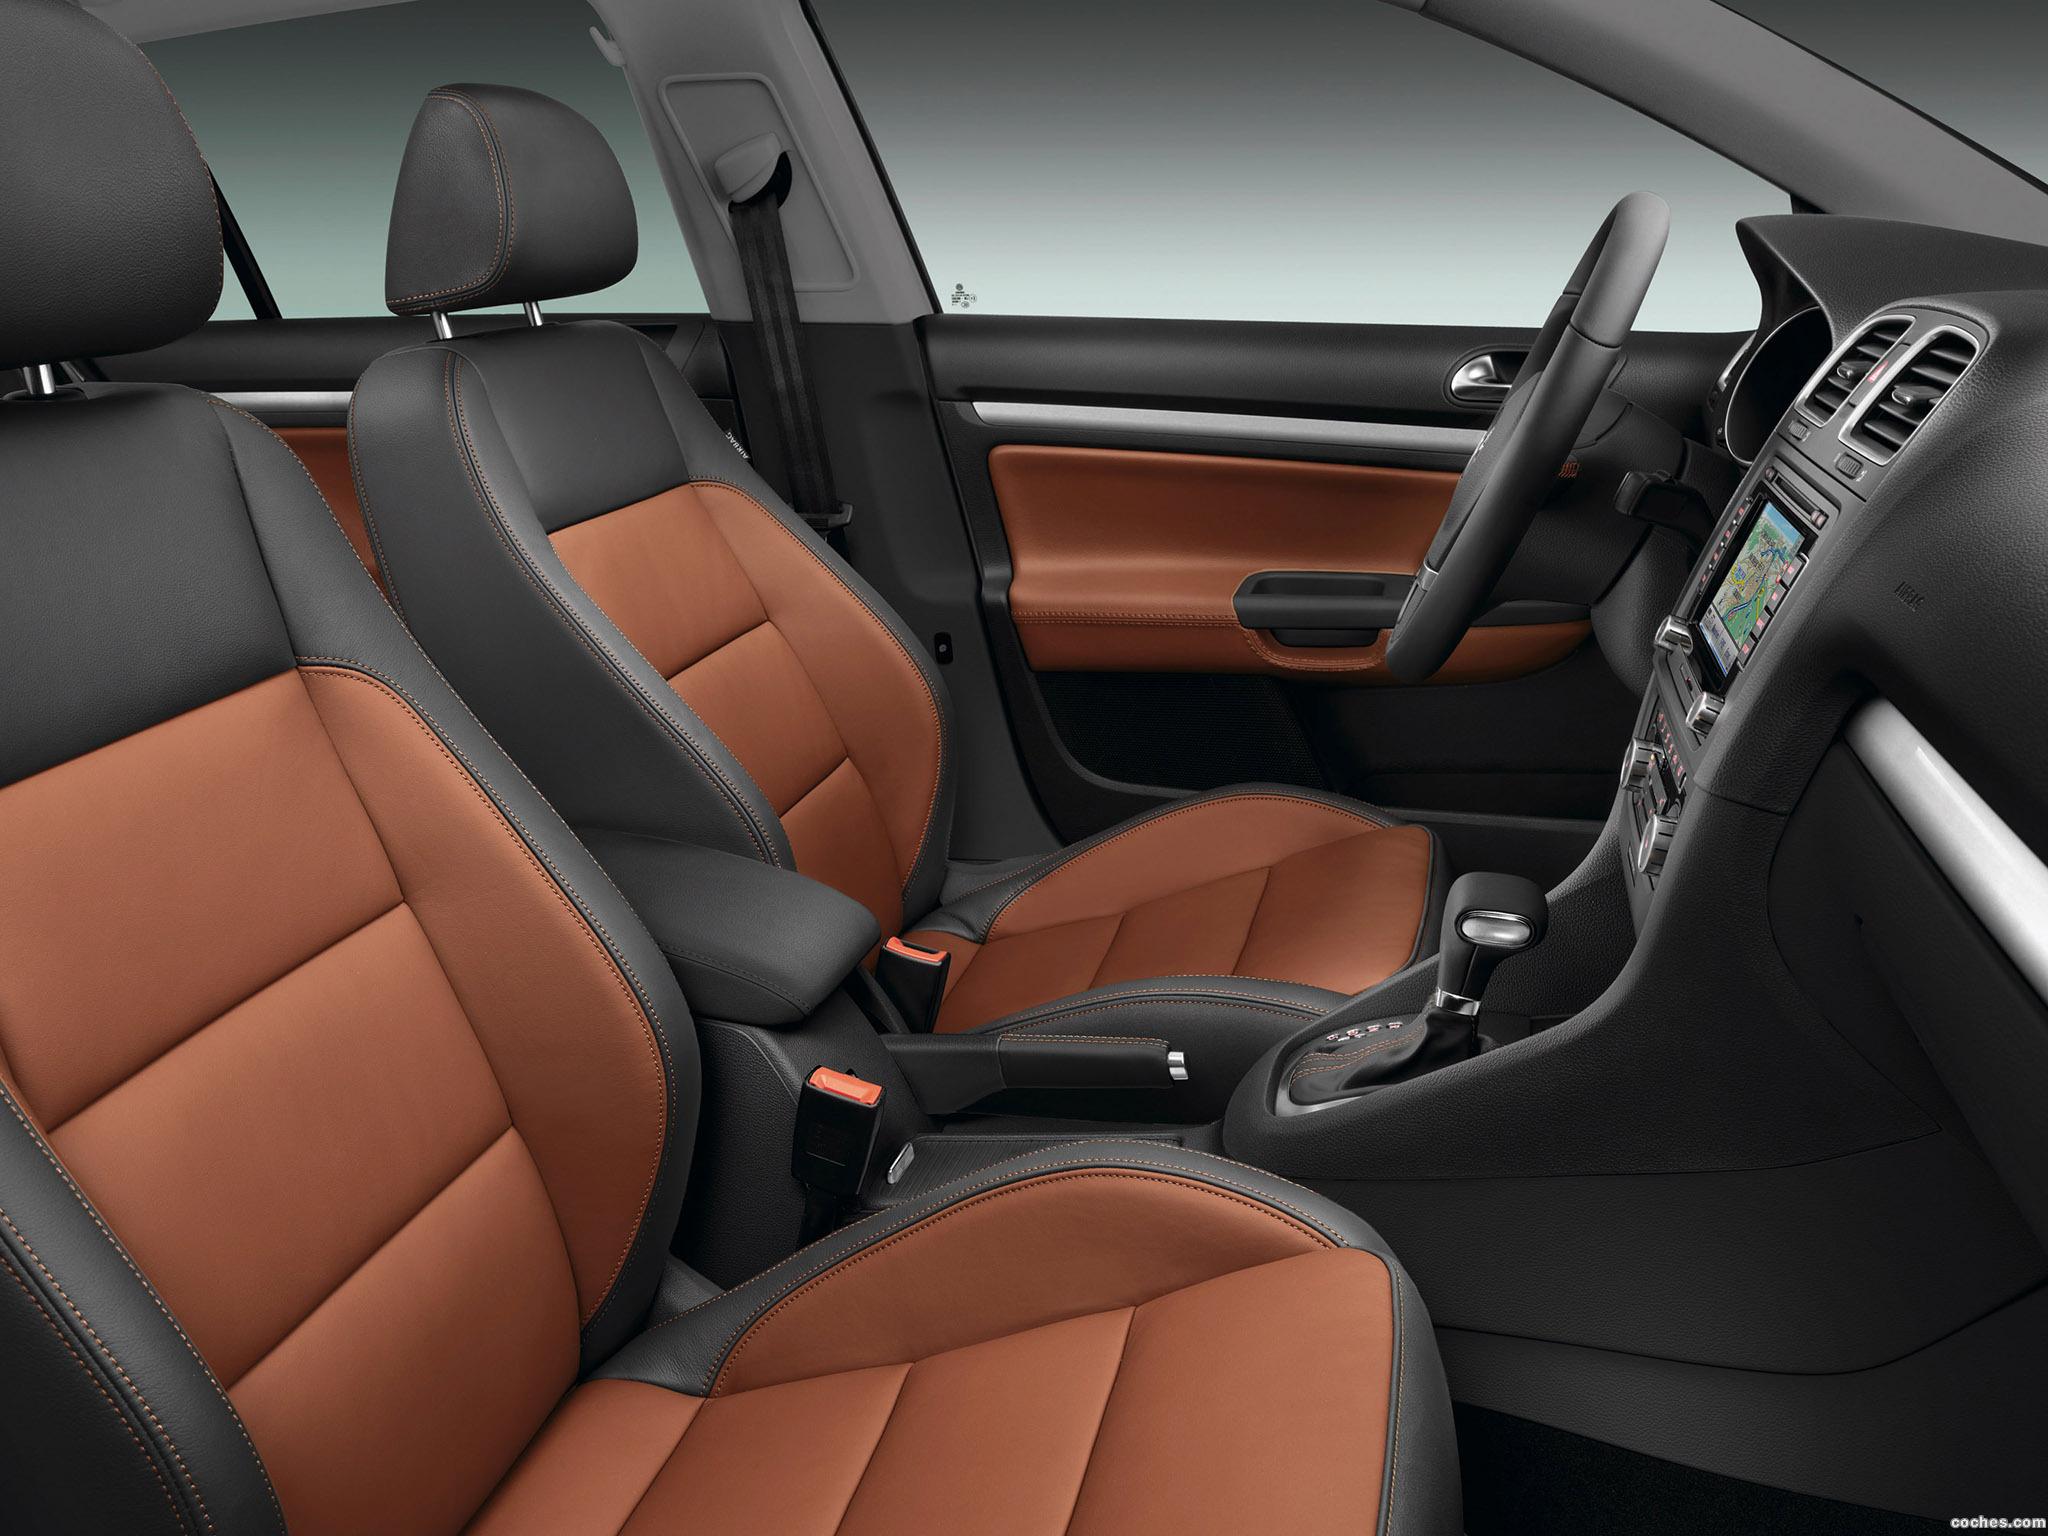 Foto 3 de Volkswagen Golf VI Variant Exclusive 2009